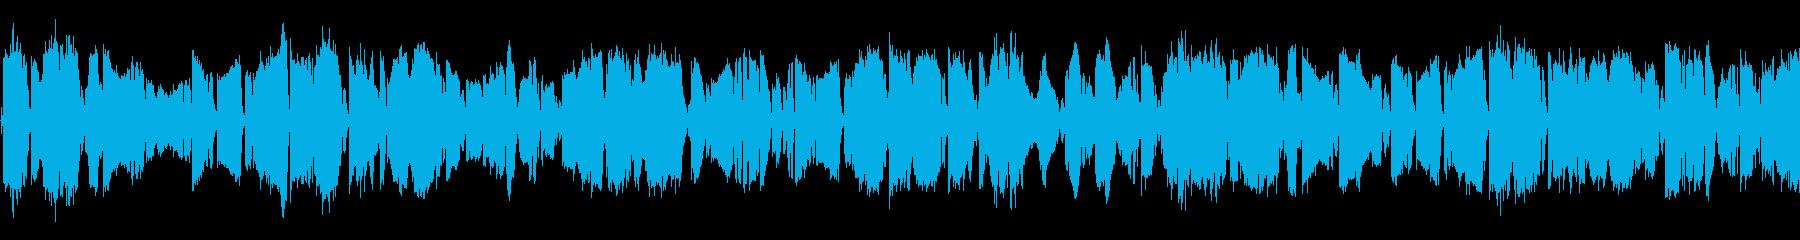 派手にバチバチする電撃・スパーク音ループの再生済みの波形